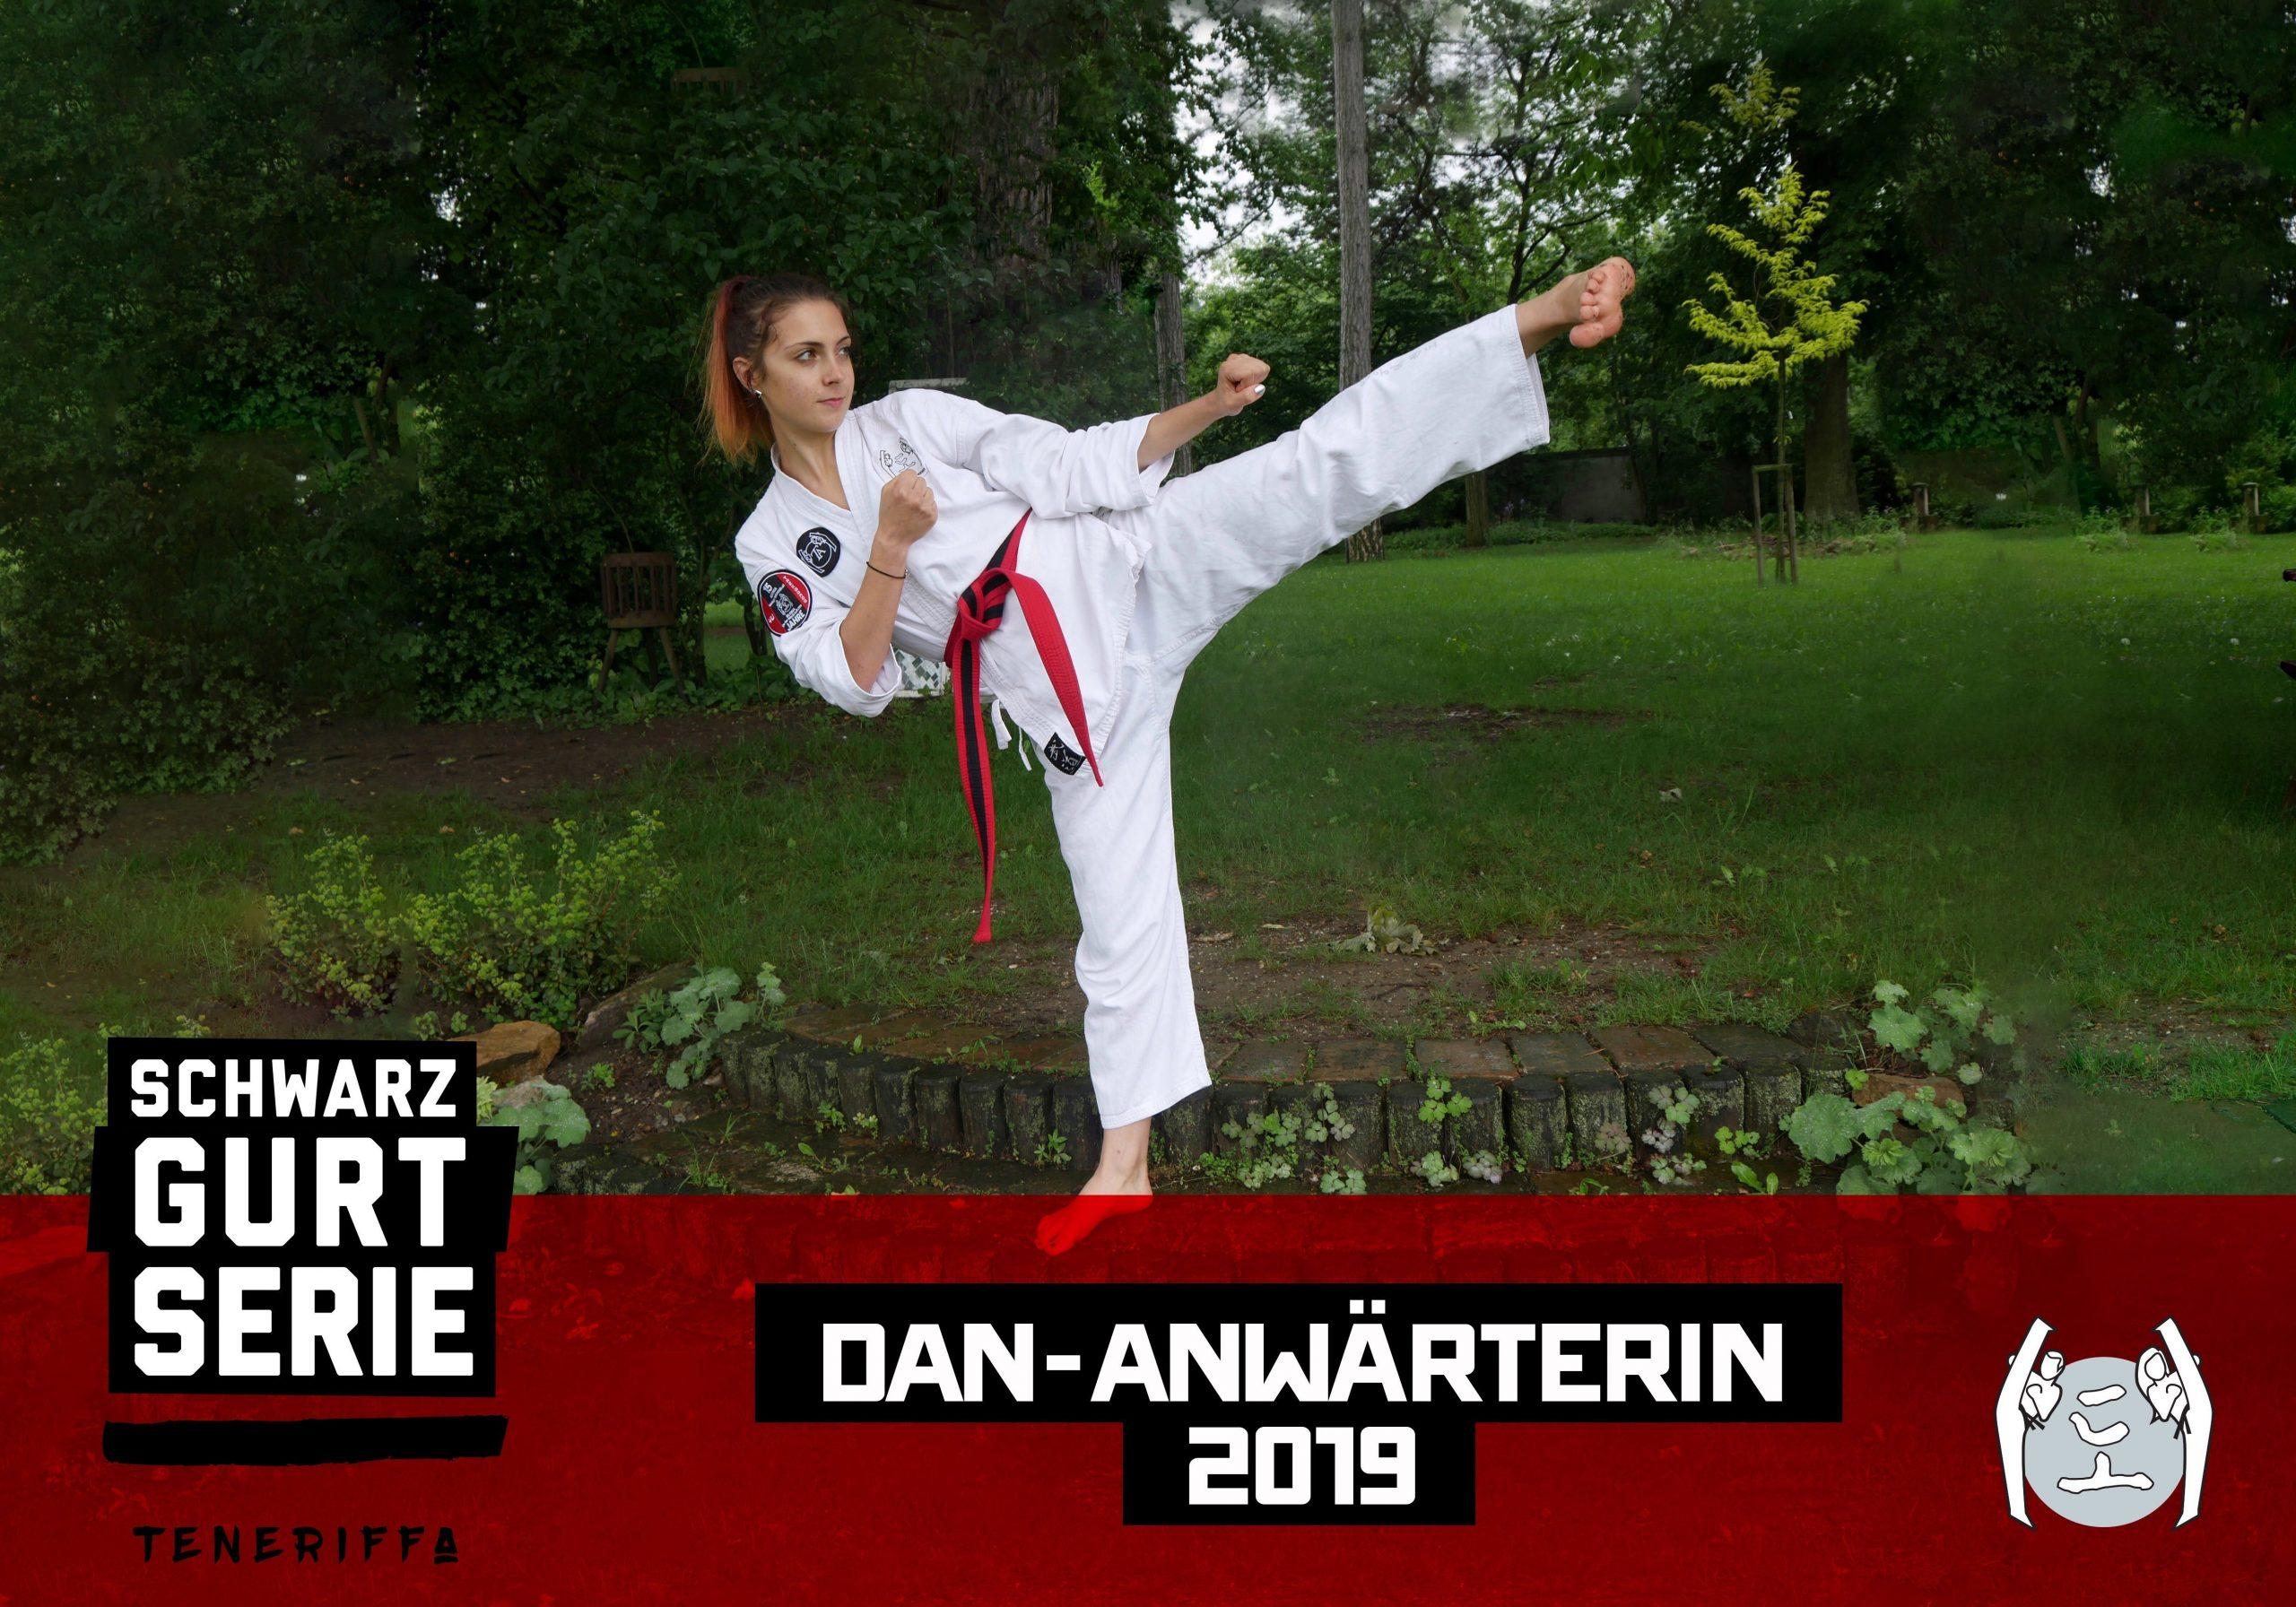 YOUNG-UNG Taekwondo Laura Schrenk Schwarzgurt-Serie Teneriffa Camp